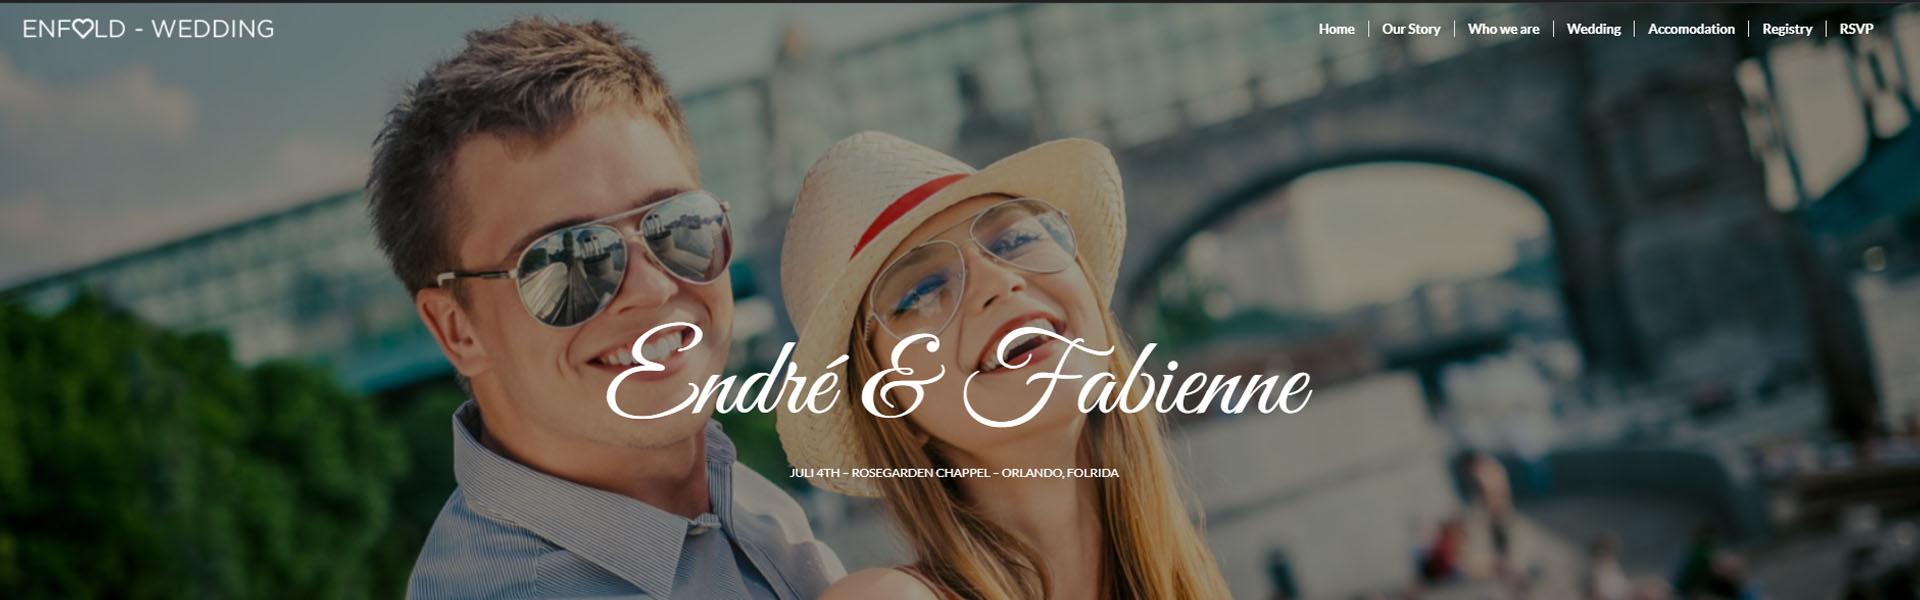 Weboldal, Esküvői weboldal